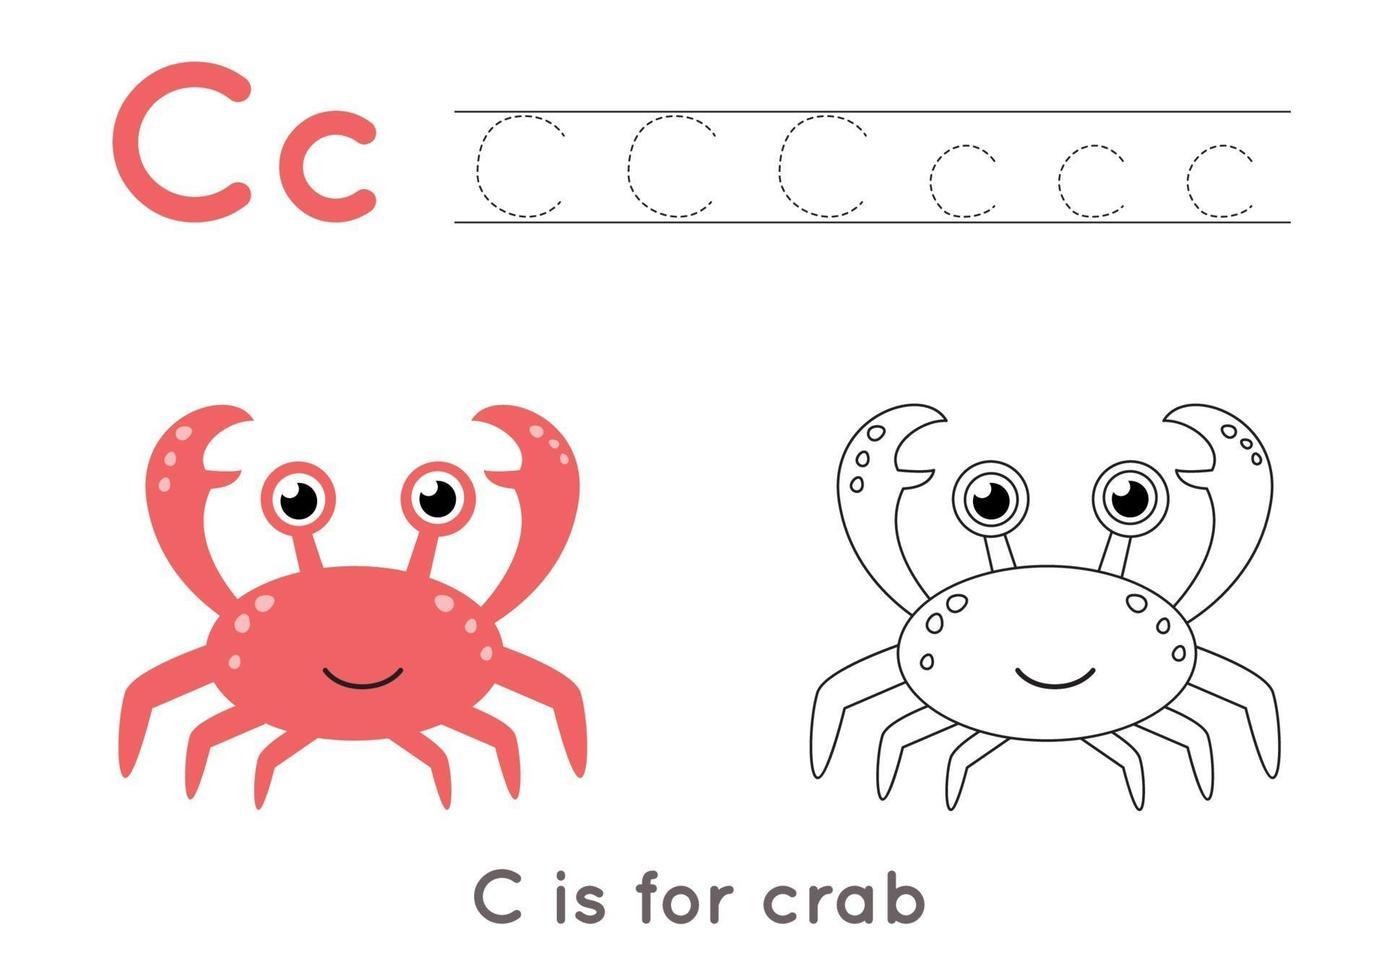 pagina da colorare e tracciare con la lettera c e un granchio simpatico cartone animato. vettore